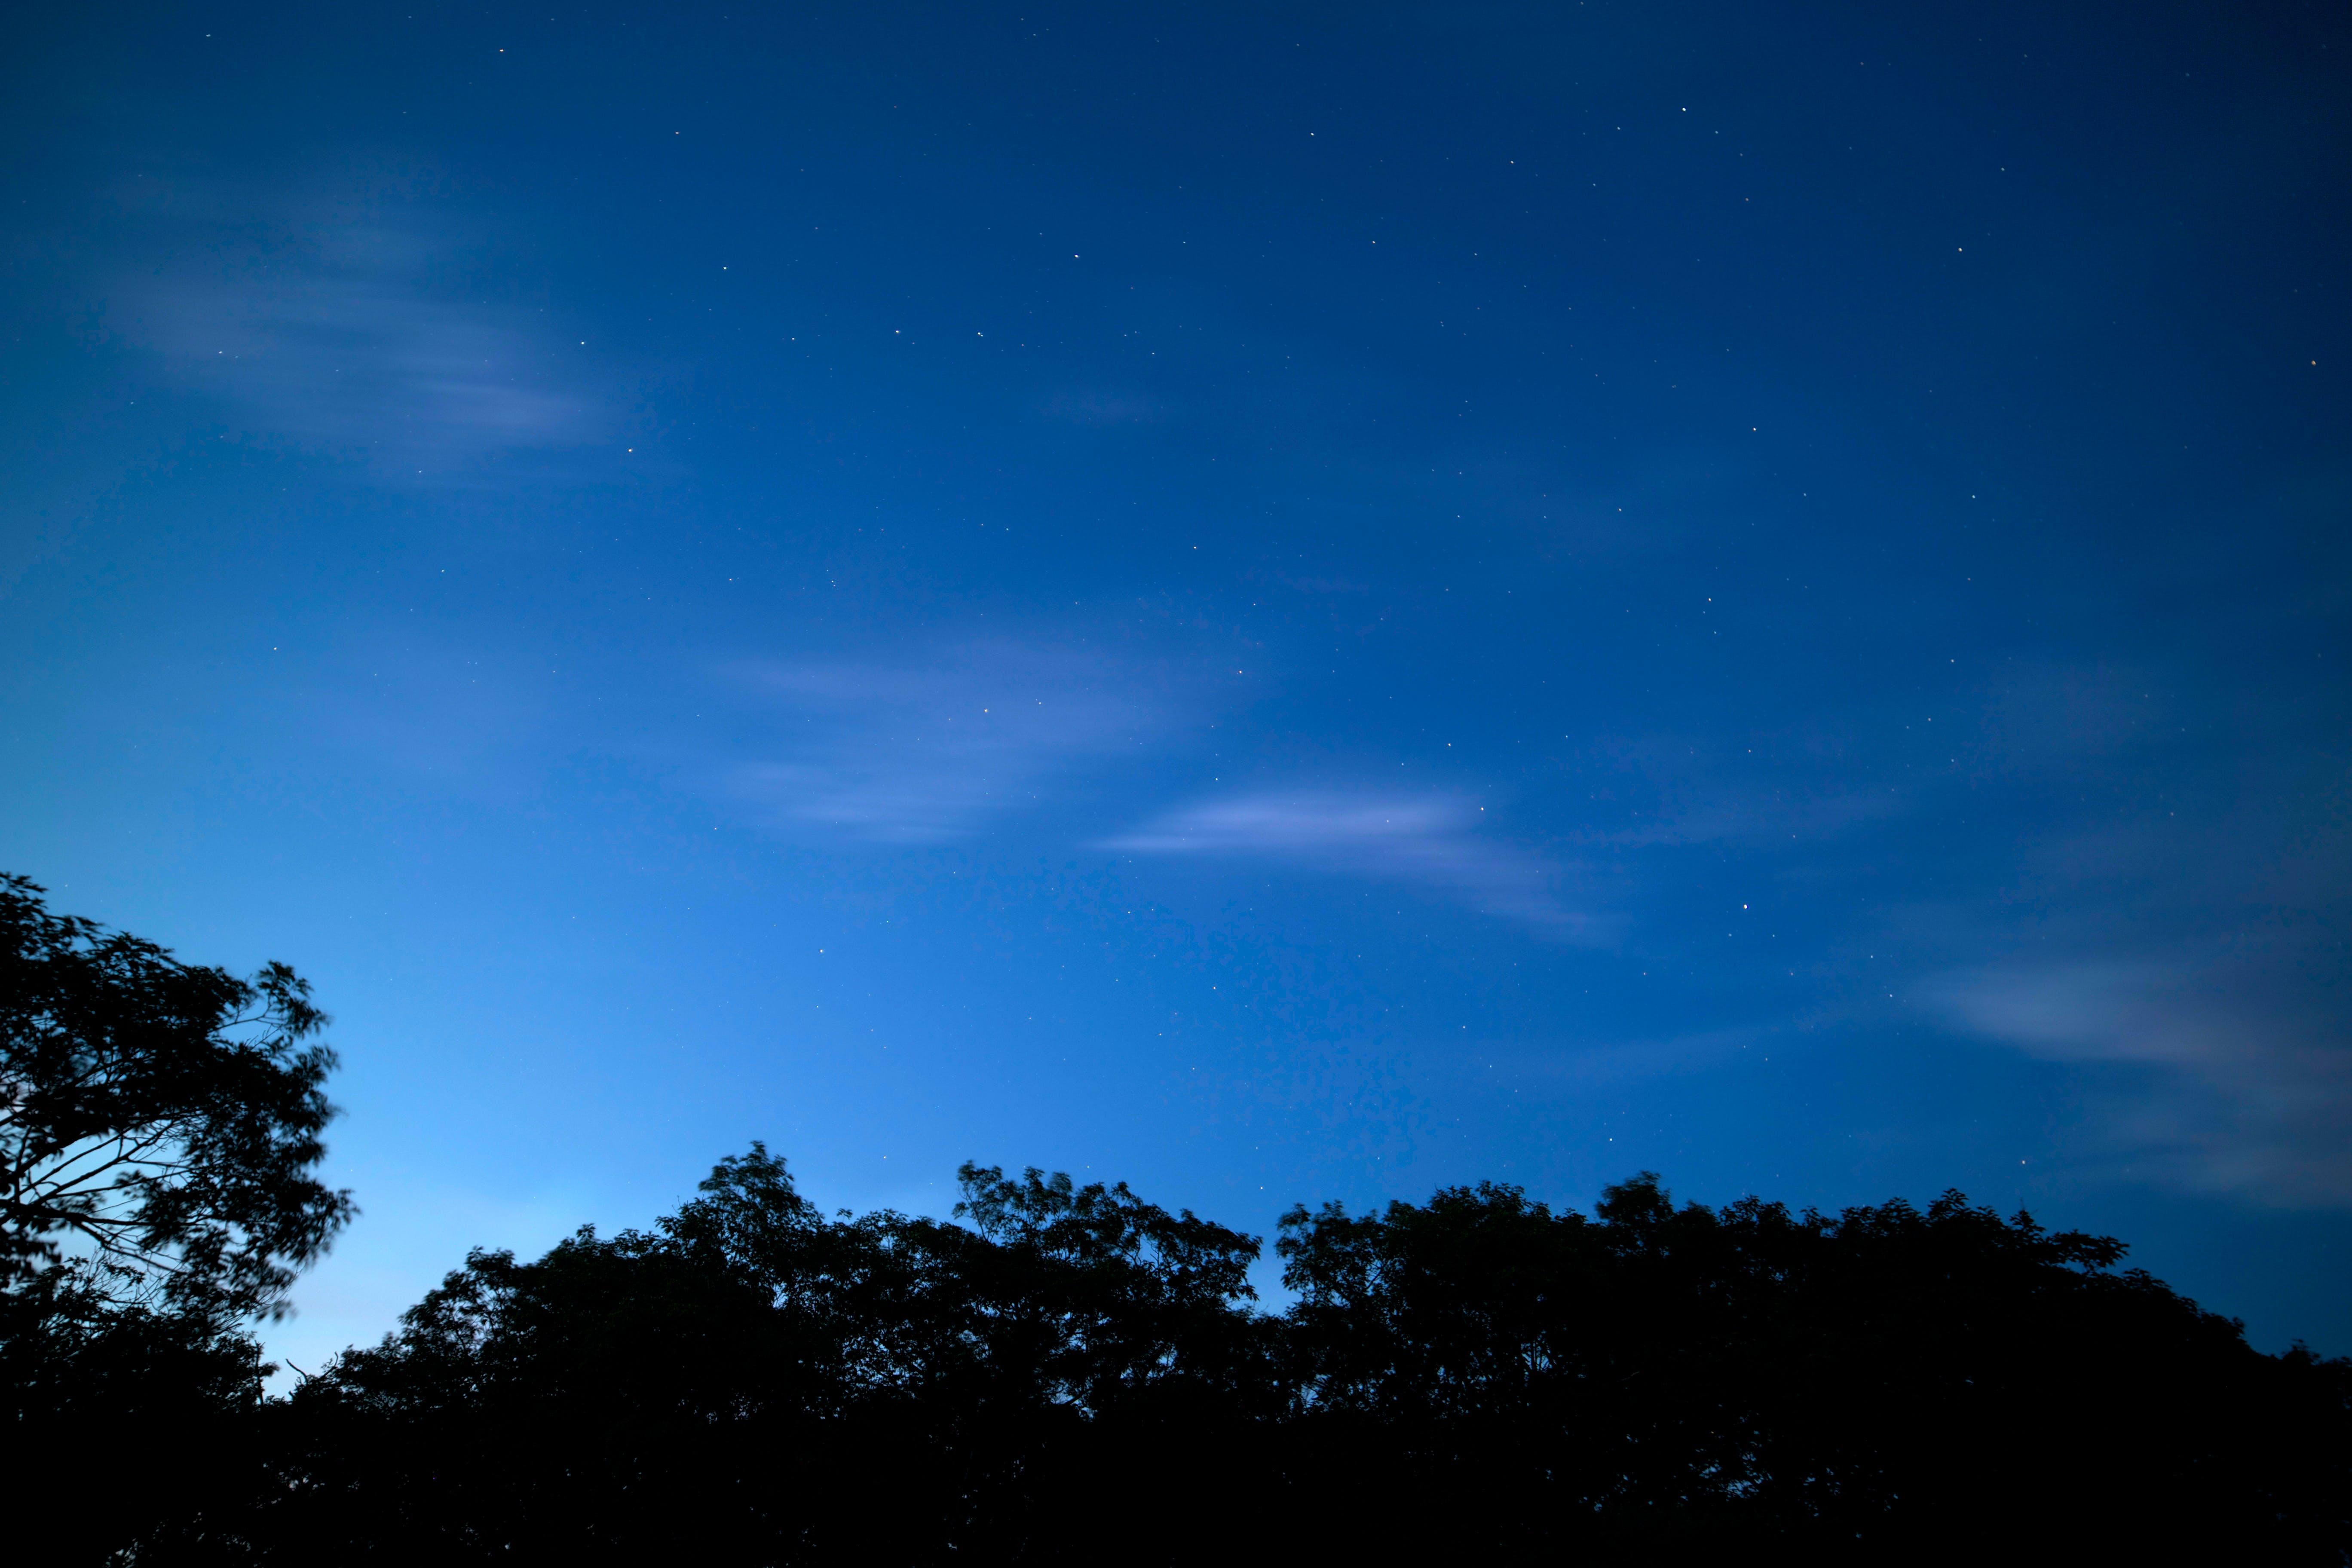 天空, 明星, 晚上 的 免费素材照片